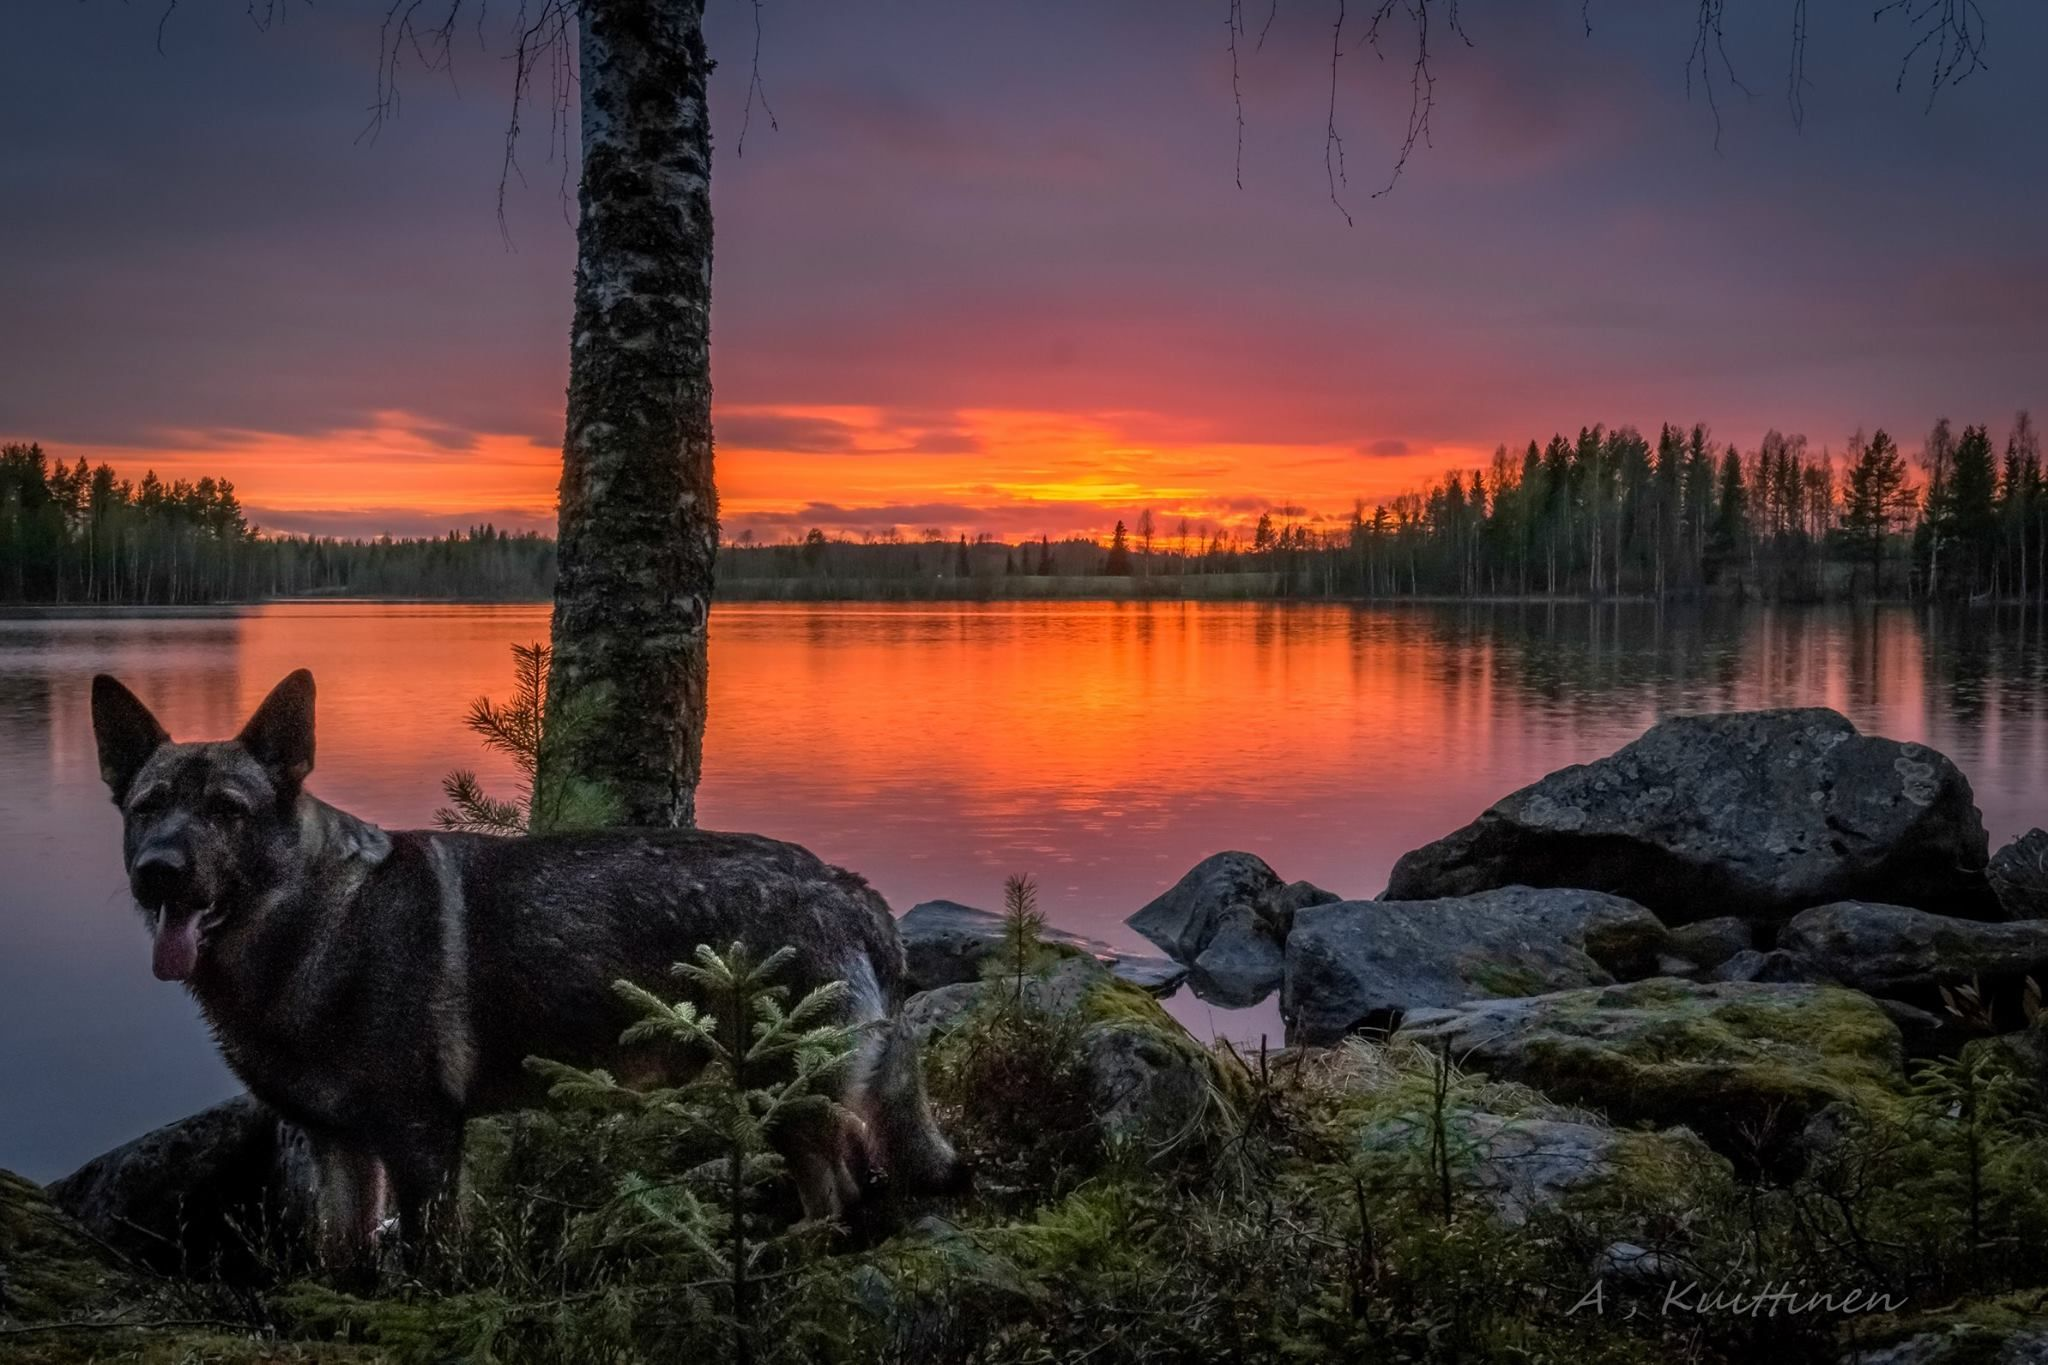 A. Kuittinen - Suomalainen maisema